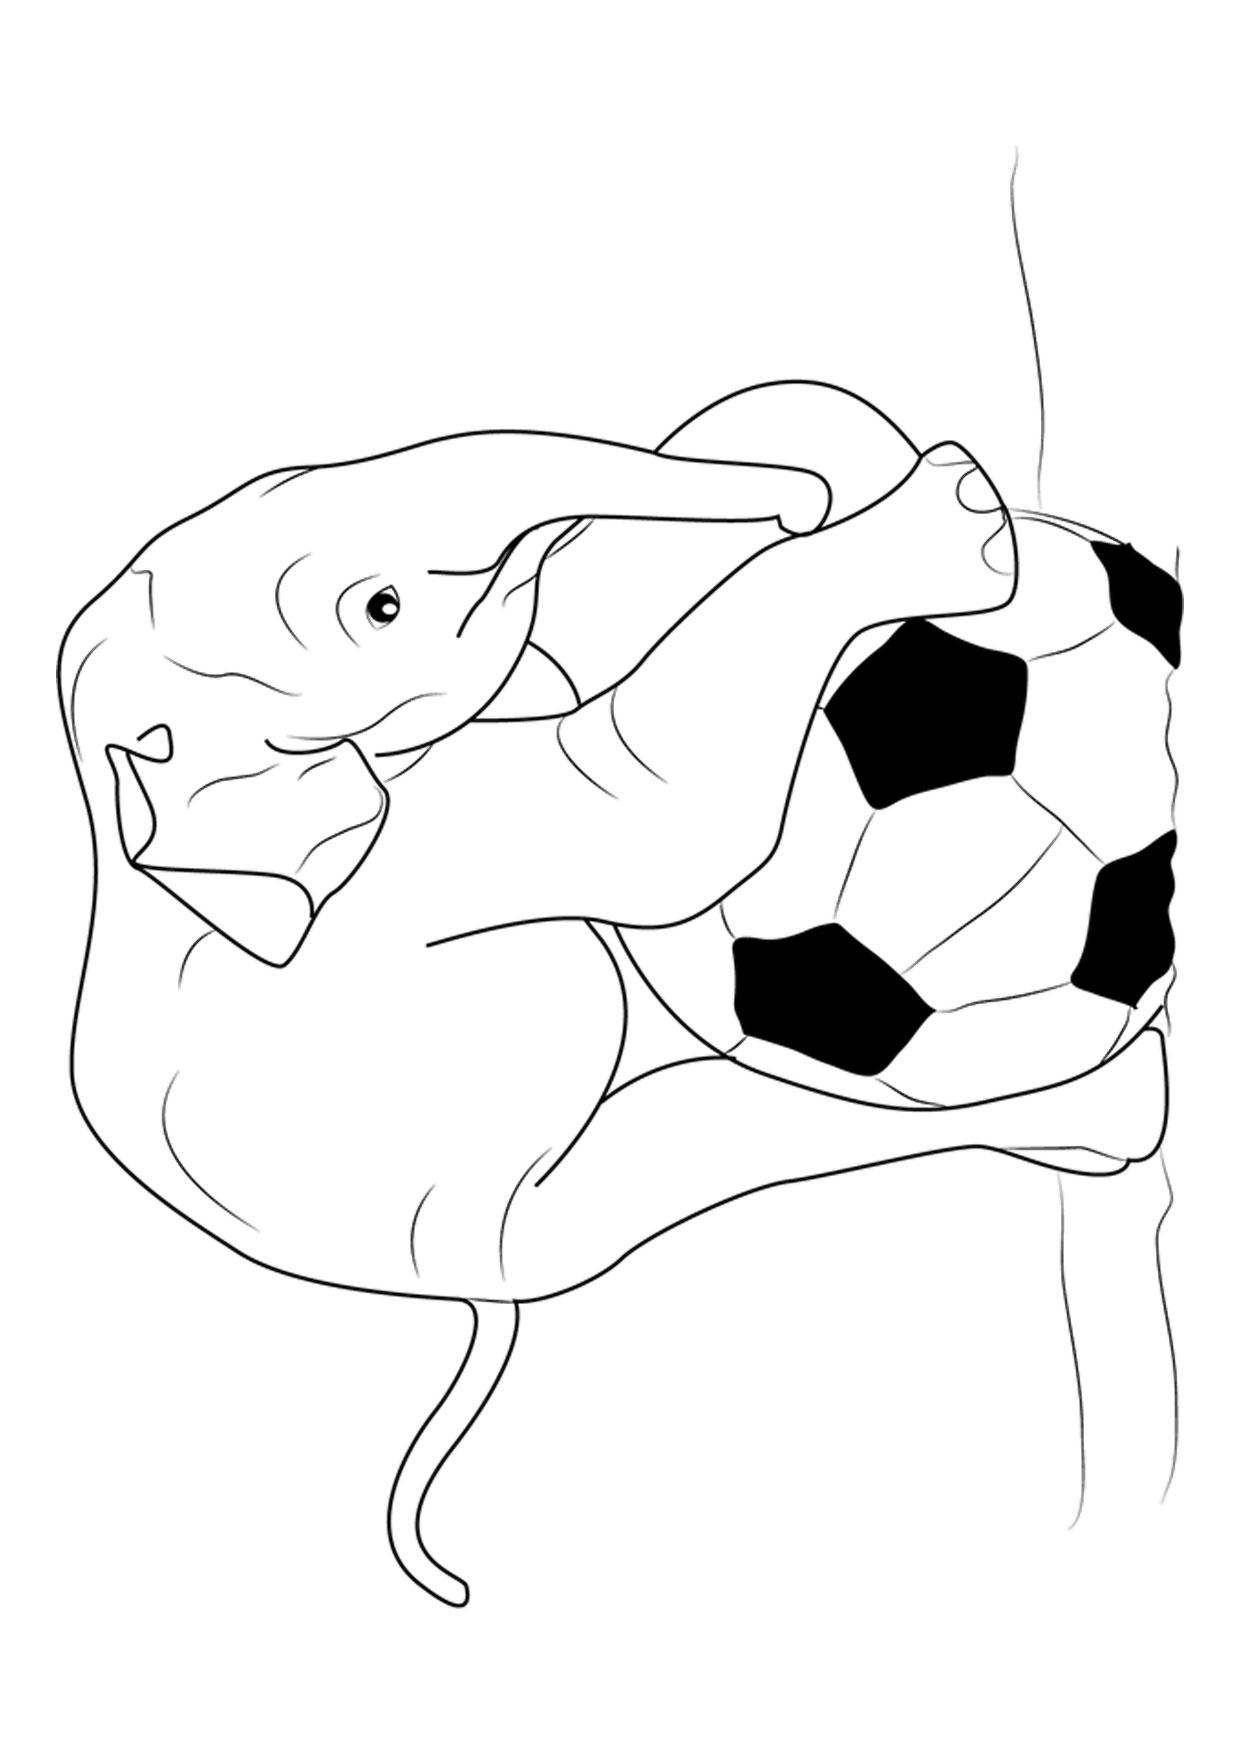 Disegno di elefanti da colorare 16